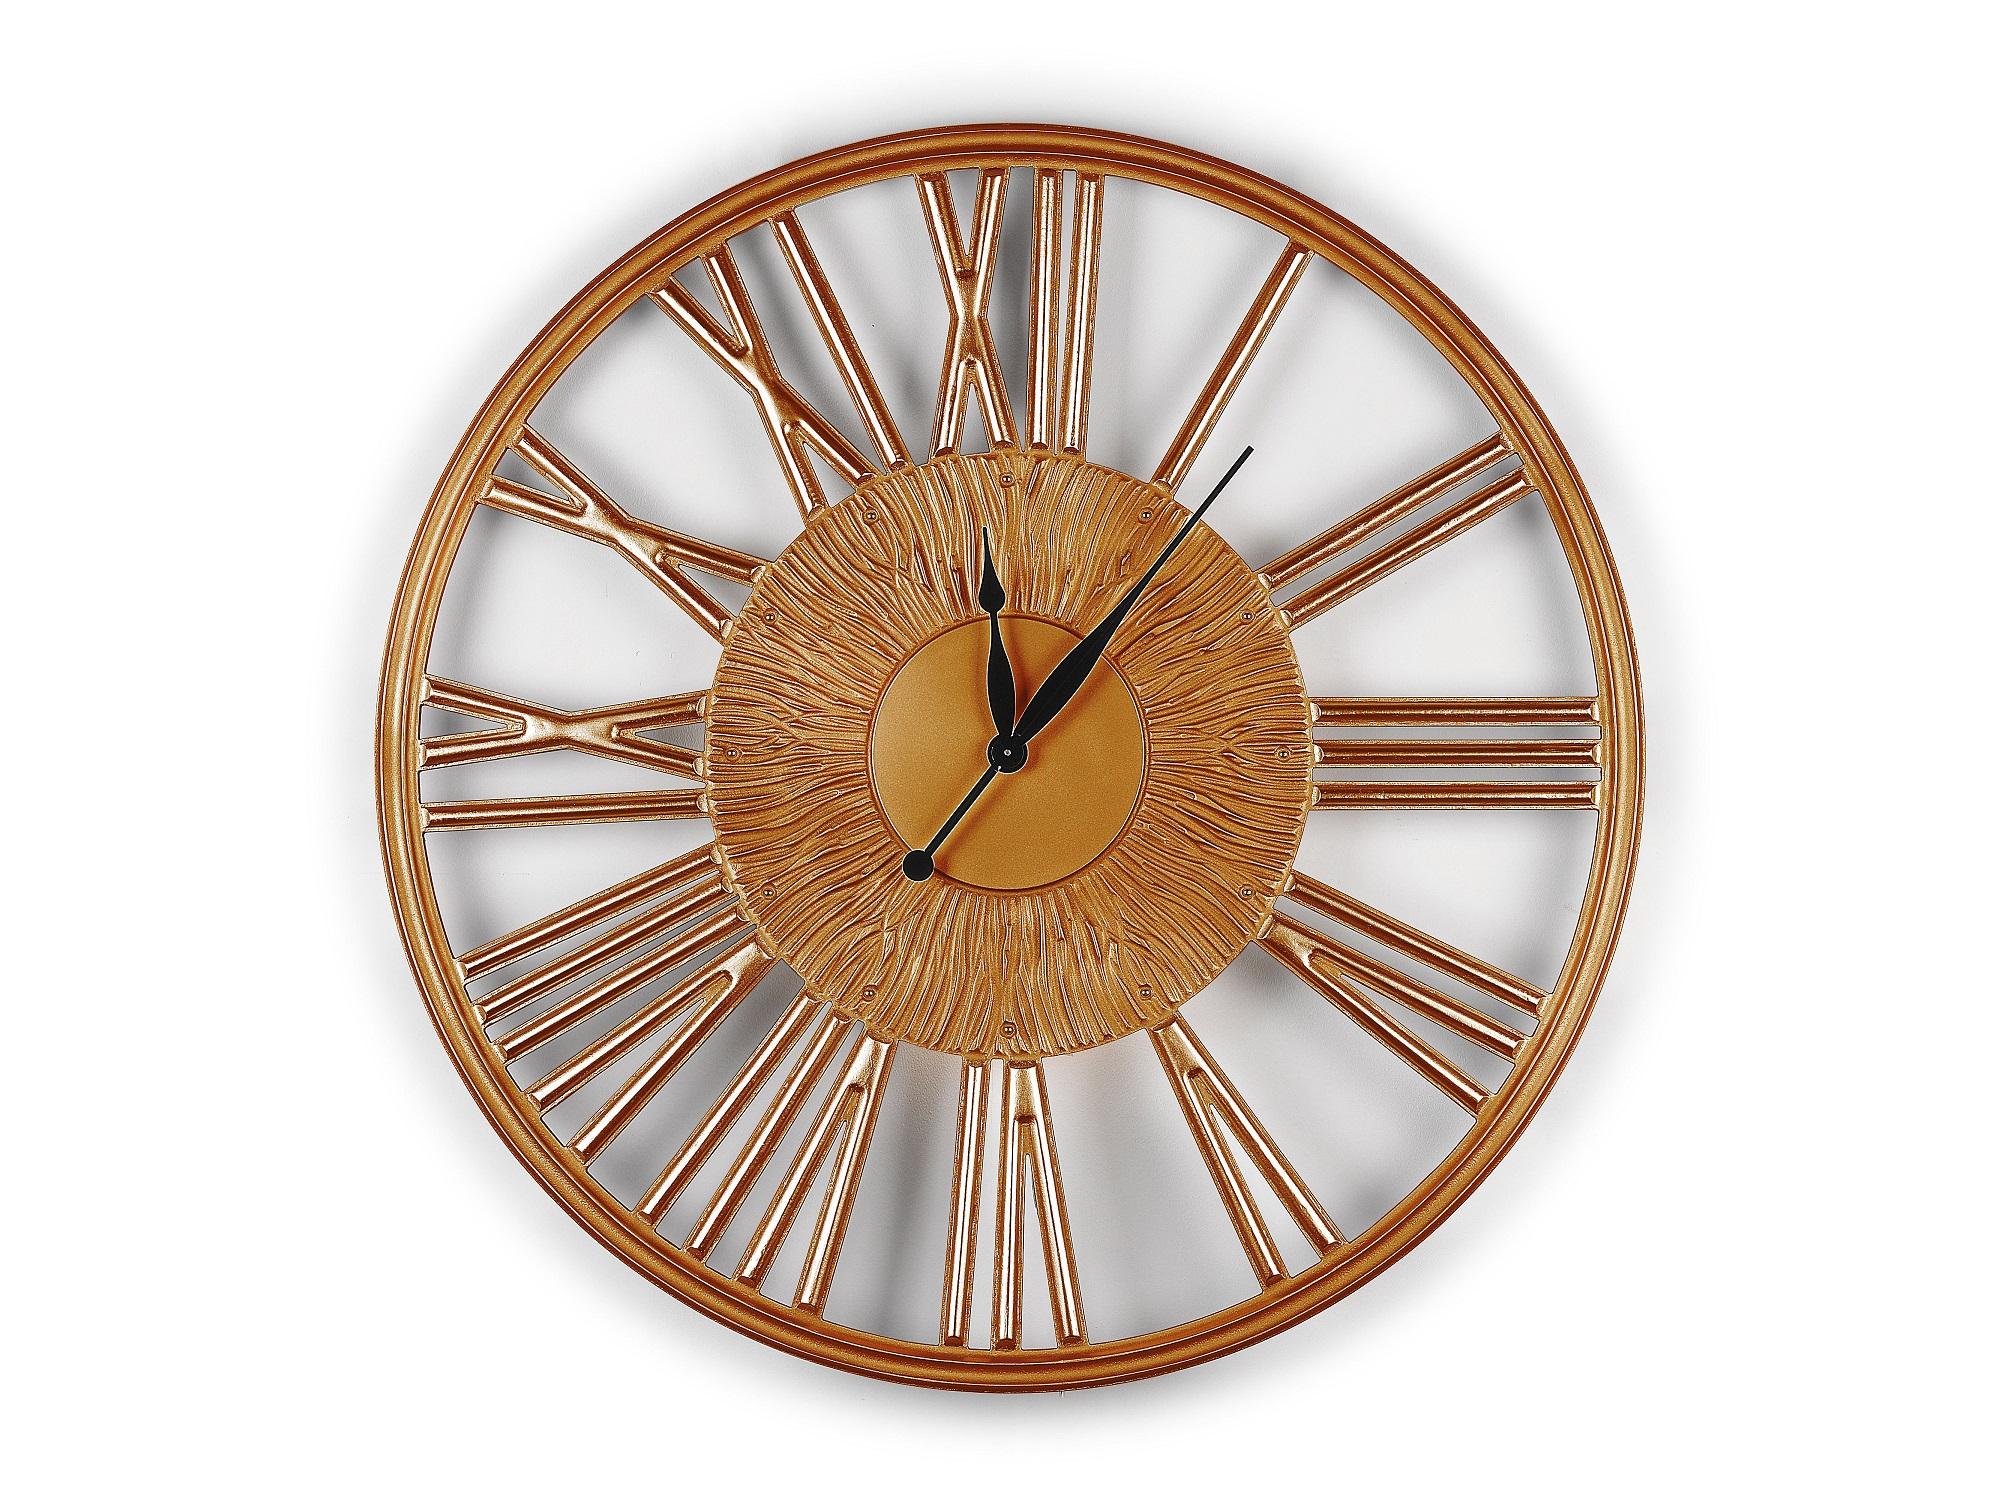 Часы GracefulНастенные часы<br>Бег времени непрерывен. Можно ли ощутить, как одна минута переходит в другую? <br>Можно ли предсказать, что открывают нам движущиеся по кругу стрелки часов? <br>Светящиеся прорезные силуэты цифр помогают понять, что лучшее еще впереди. <br>Данный вариант представлен в цвете матовая бронза с покрытыми поталью цифрами.&amp;lt;div&amp;gt;&amp;lt;br&amp;gt;&amp;lt;/div&amp;gt;&amp;lt;div&amp;gt;Механизм: Кварцевый&amp;lt;br&amp;gt;&amp;lt;/div&amp;gt;<br><br>Material: Дерево<br>Глубина см: 1.0